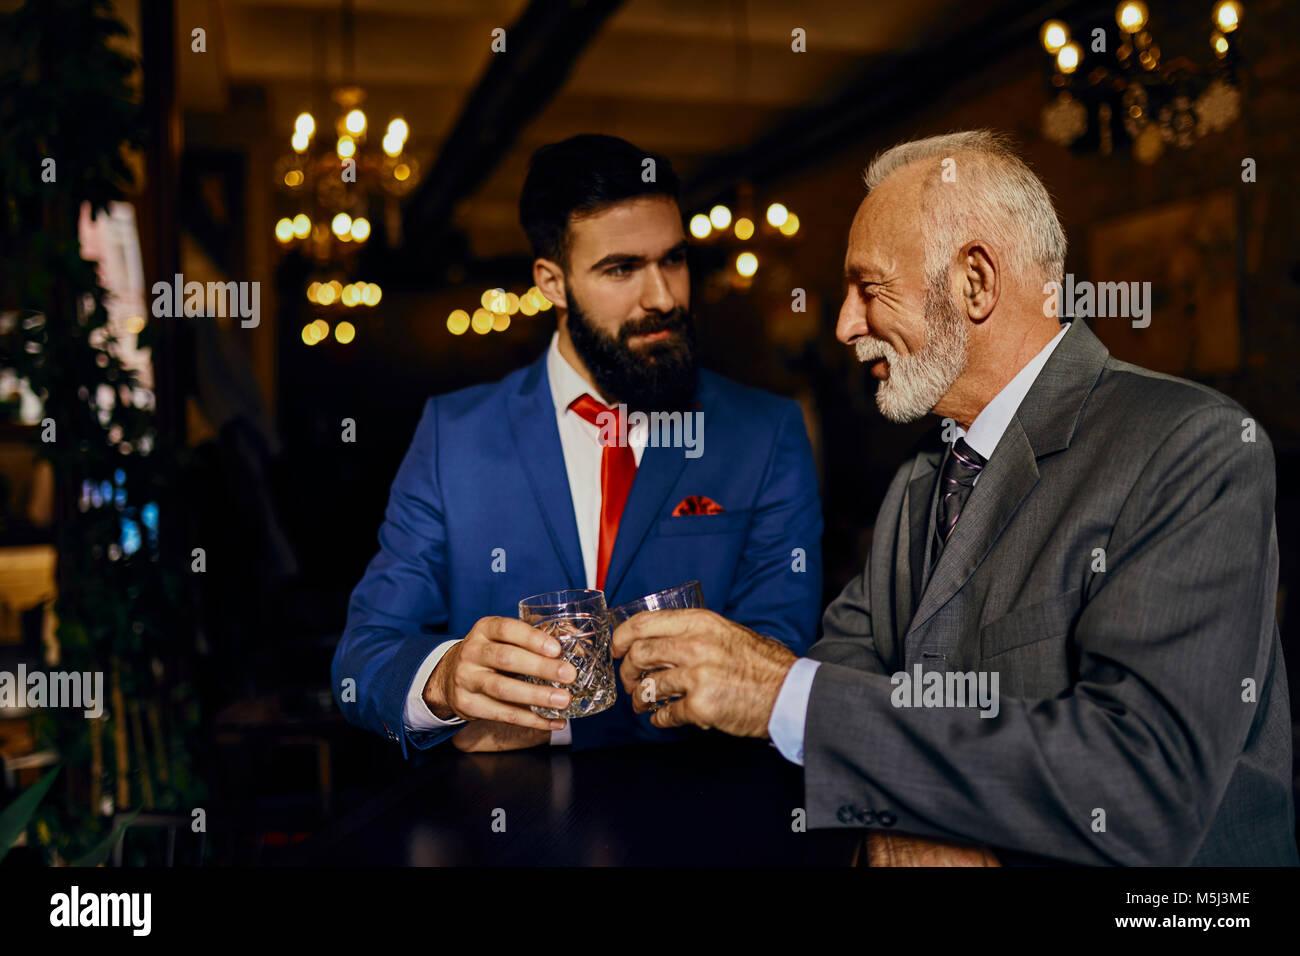 Deux hommes dans un bar élégant de trinquer sans poignée Photo Stock